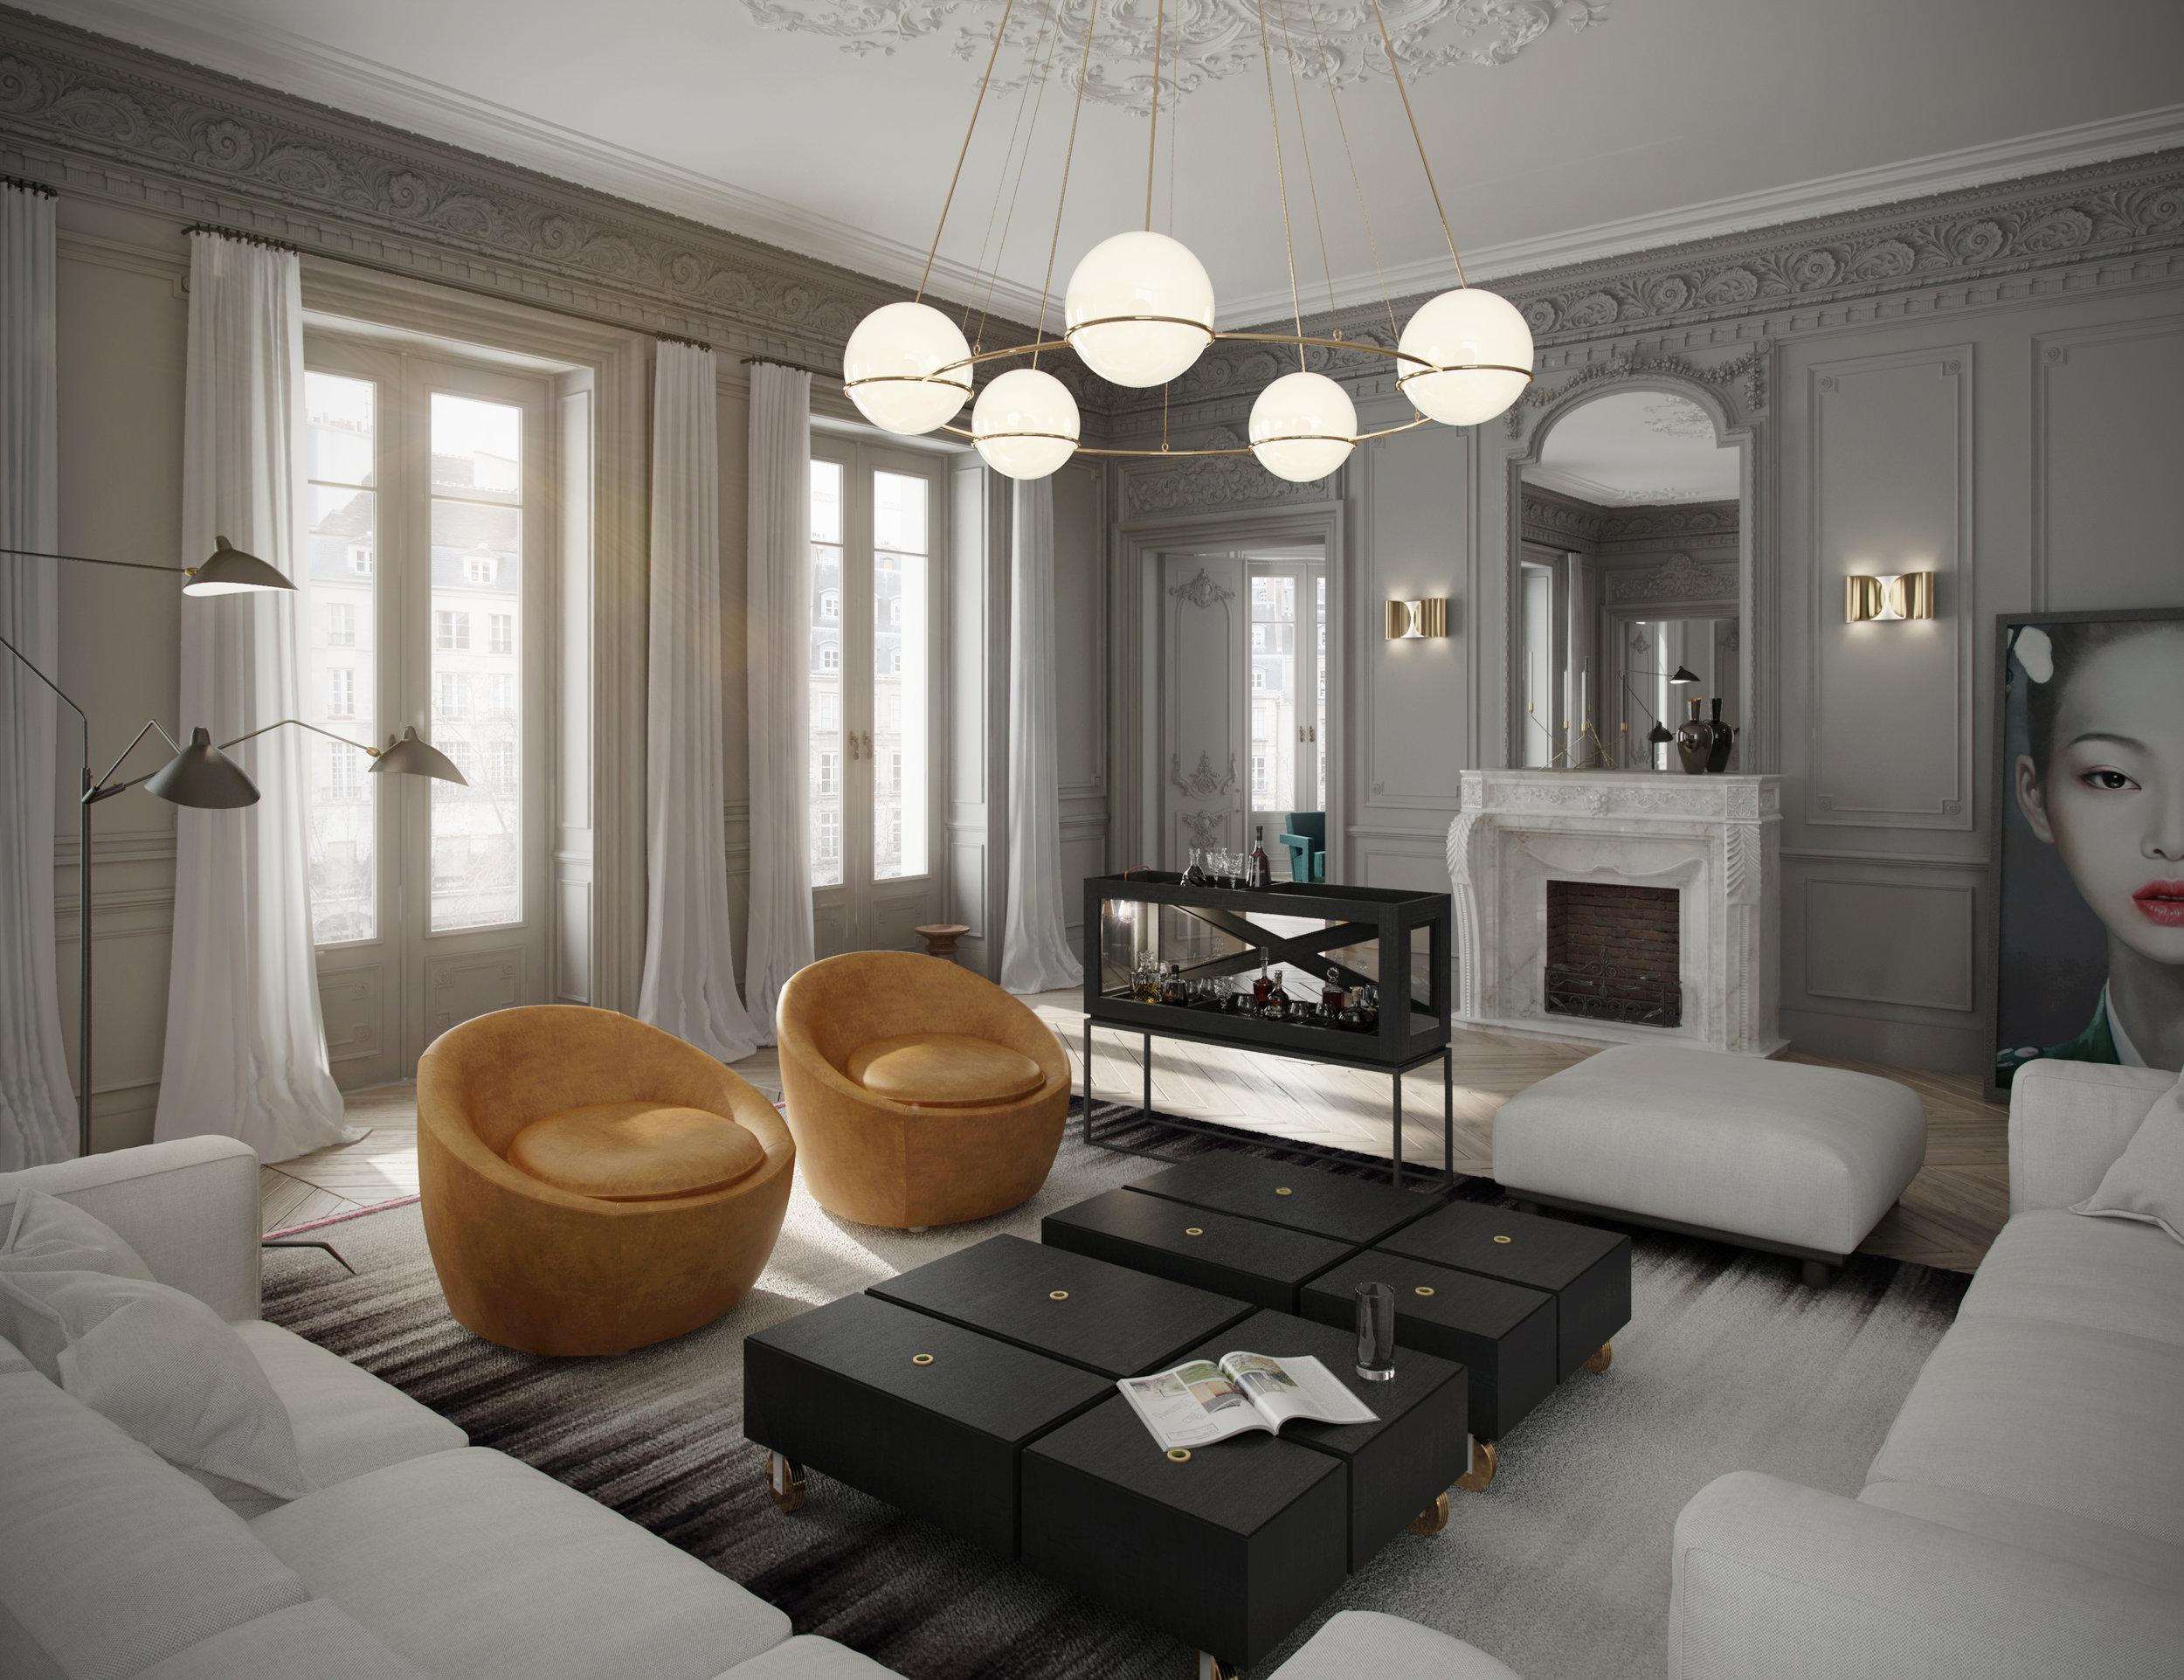 Paris Apartment Interior Design Living Room Furniture Styling 1.jpg